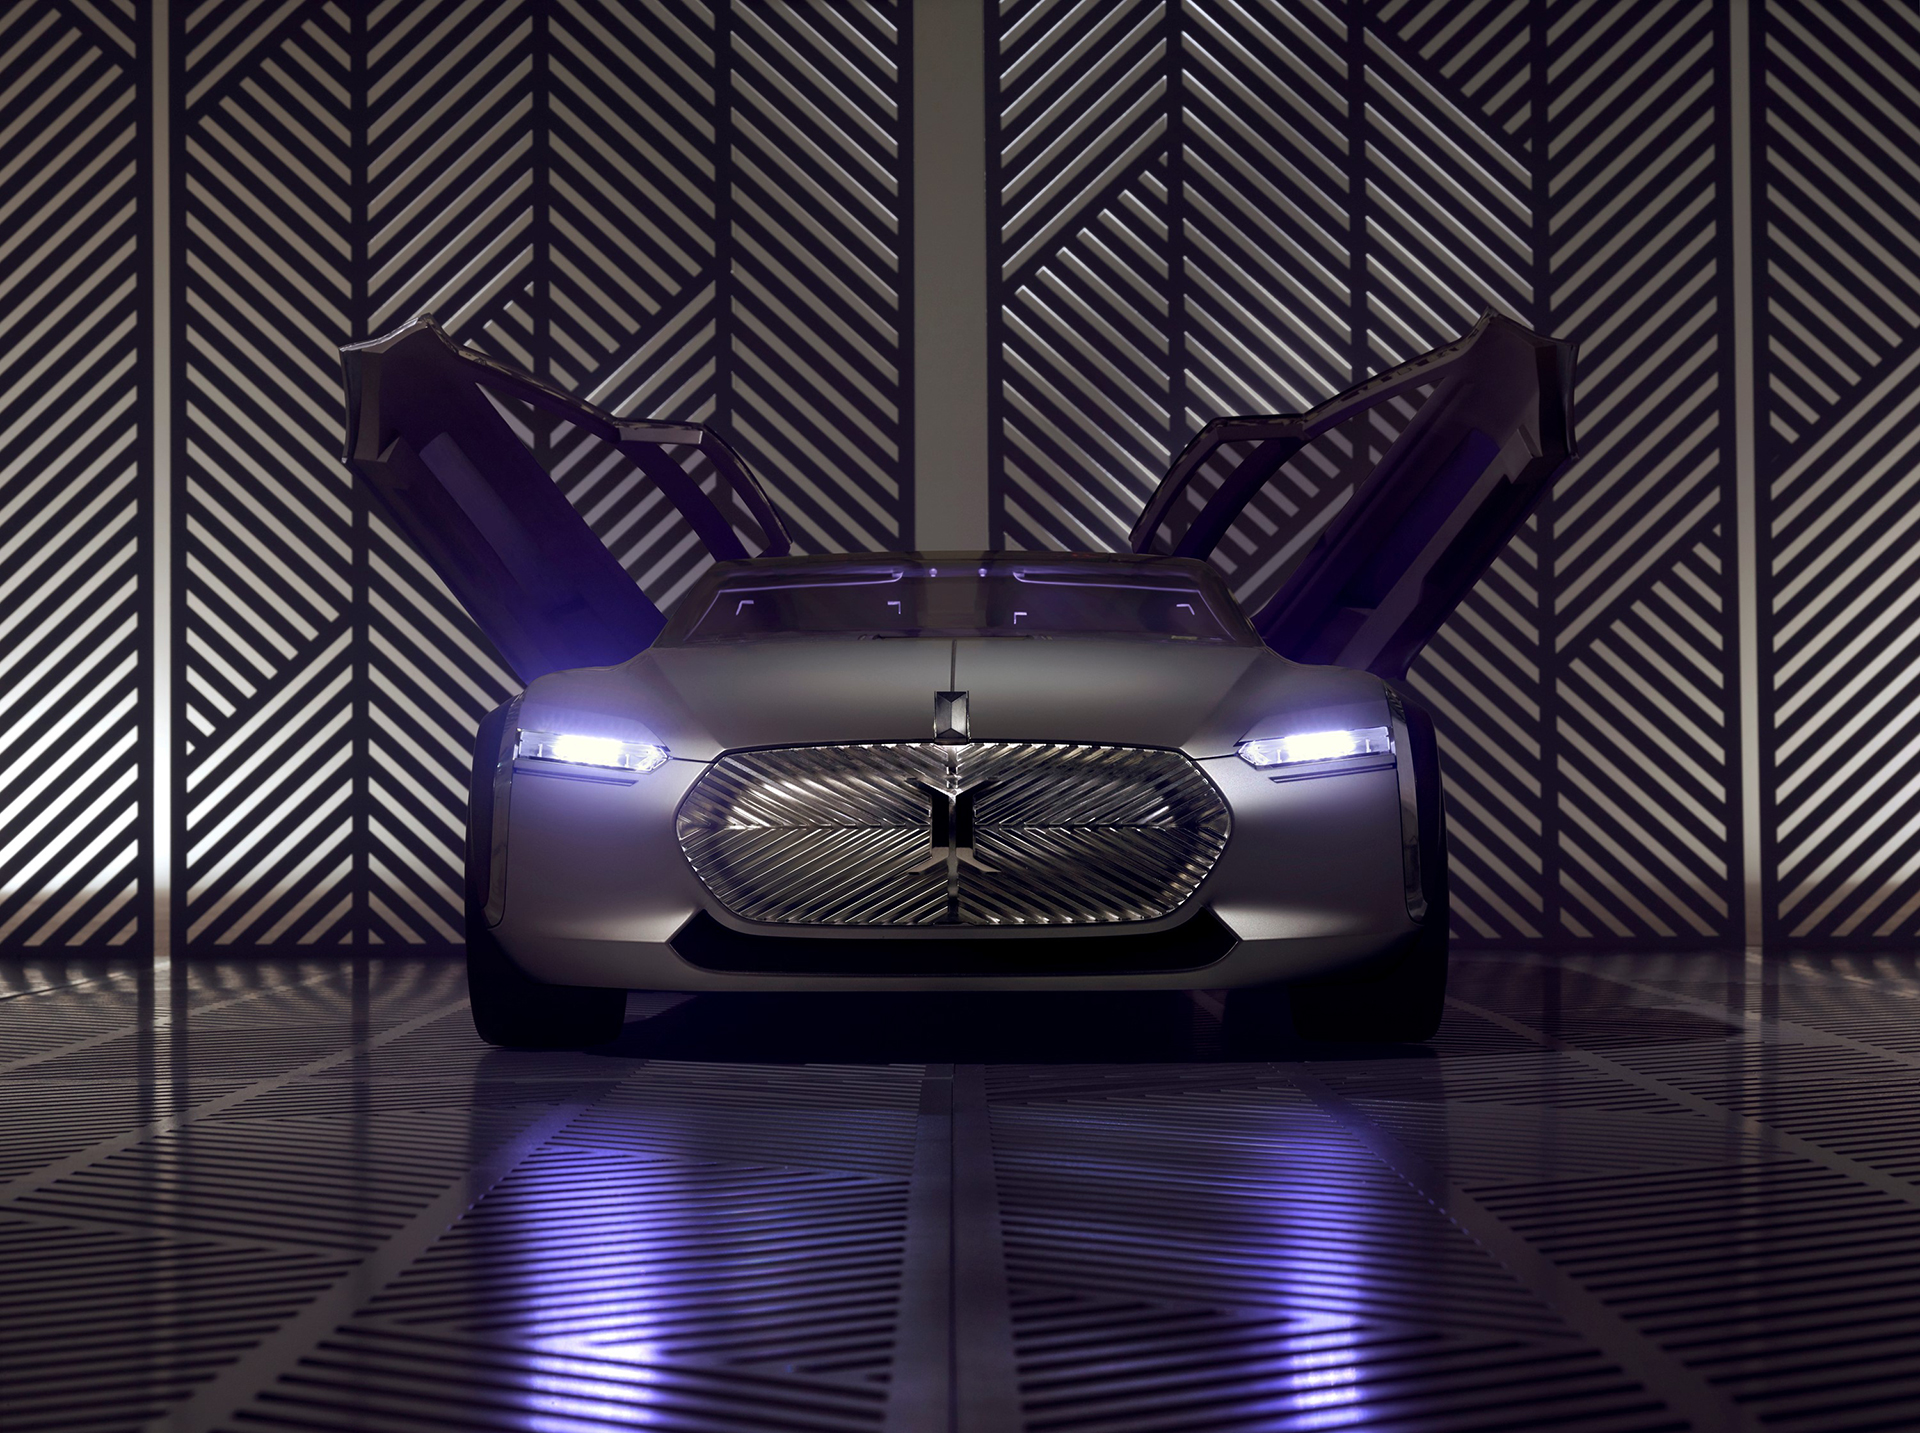 Coupé Corbusier Concept - 2015 - portes ouvertes / open doors - Design Groupe Renault